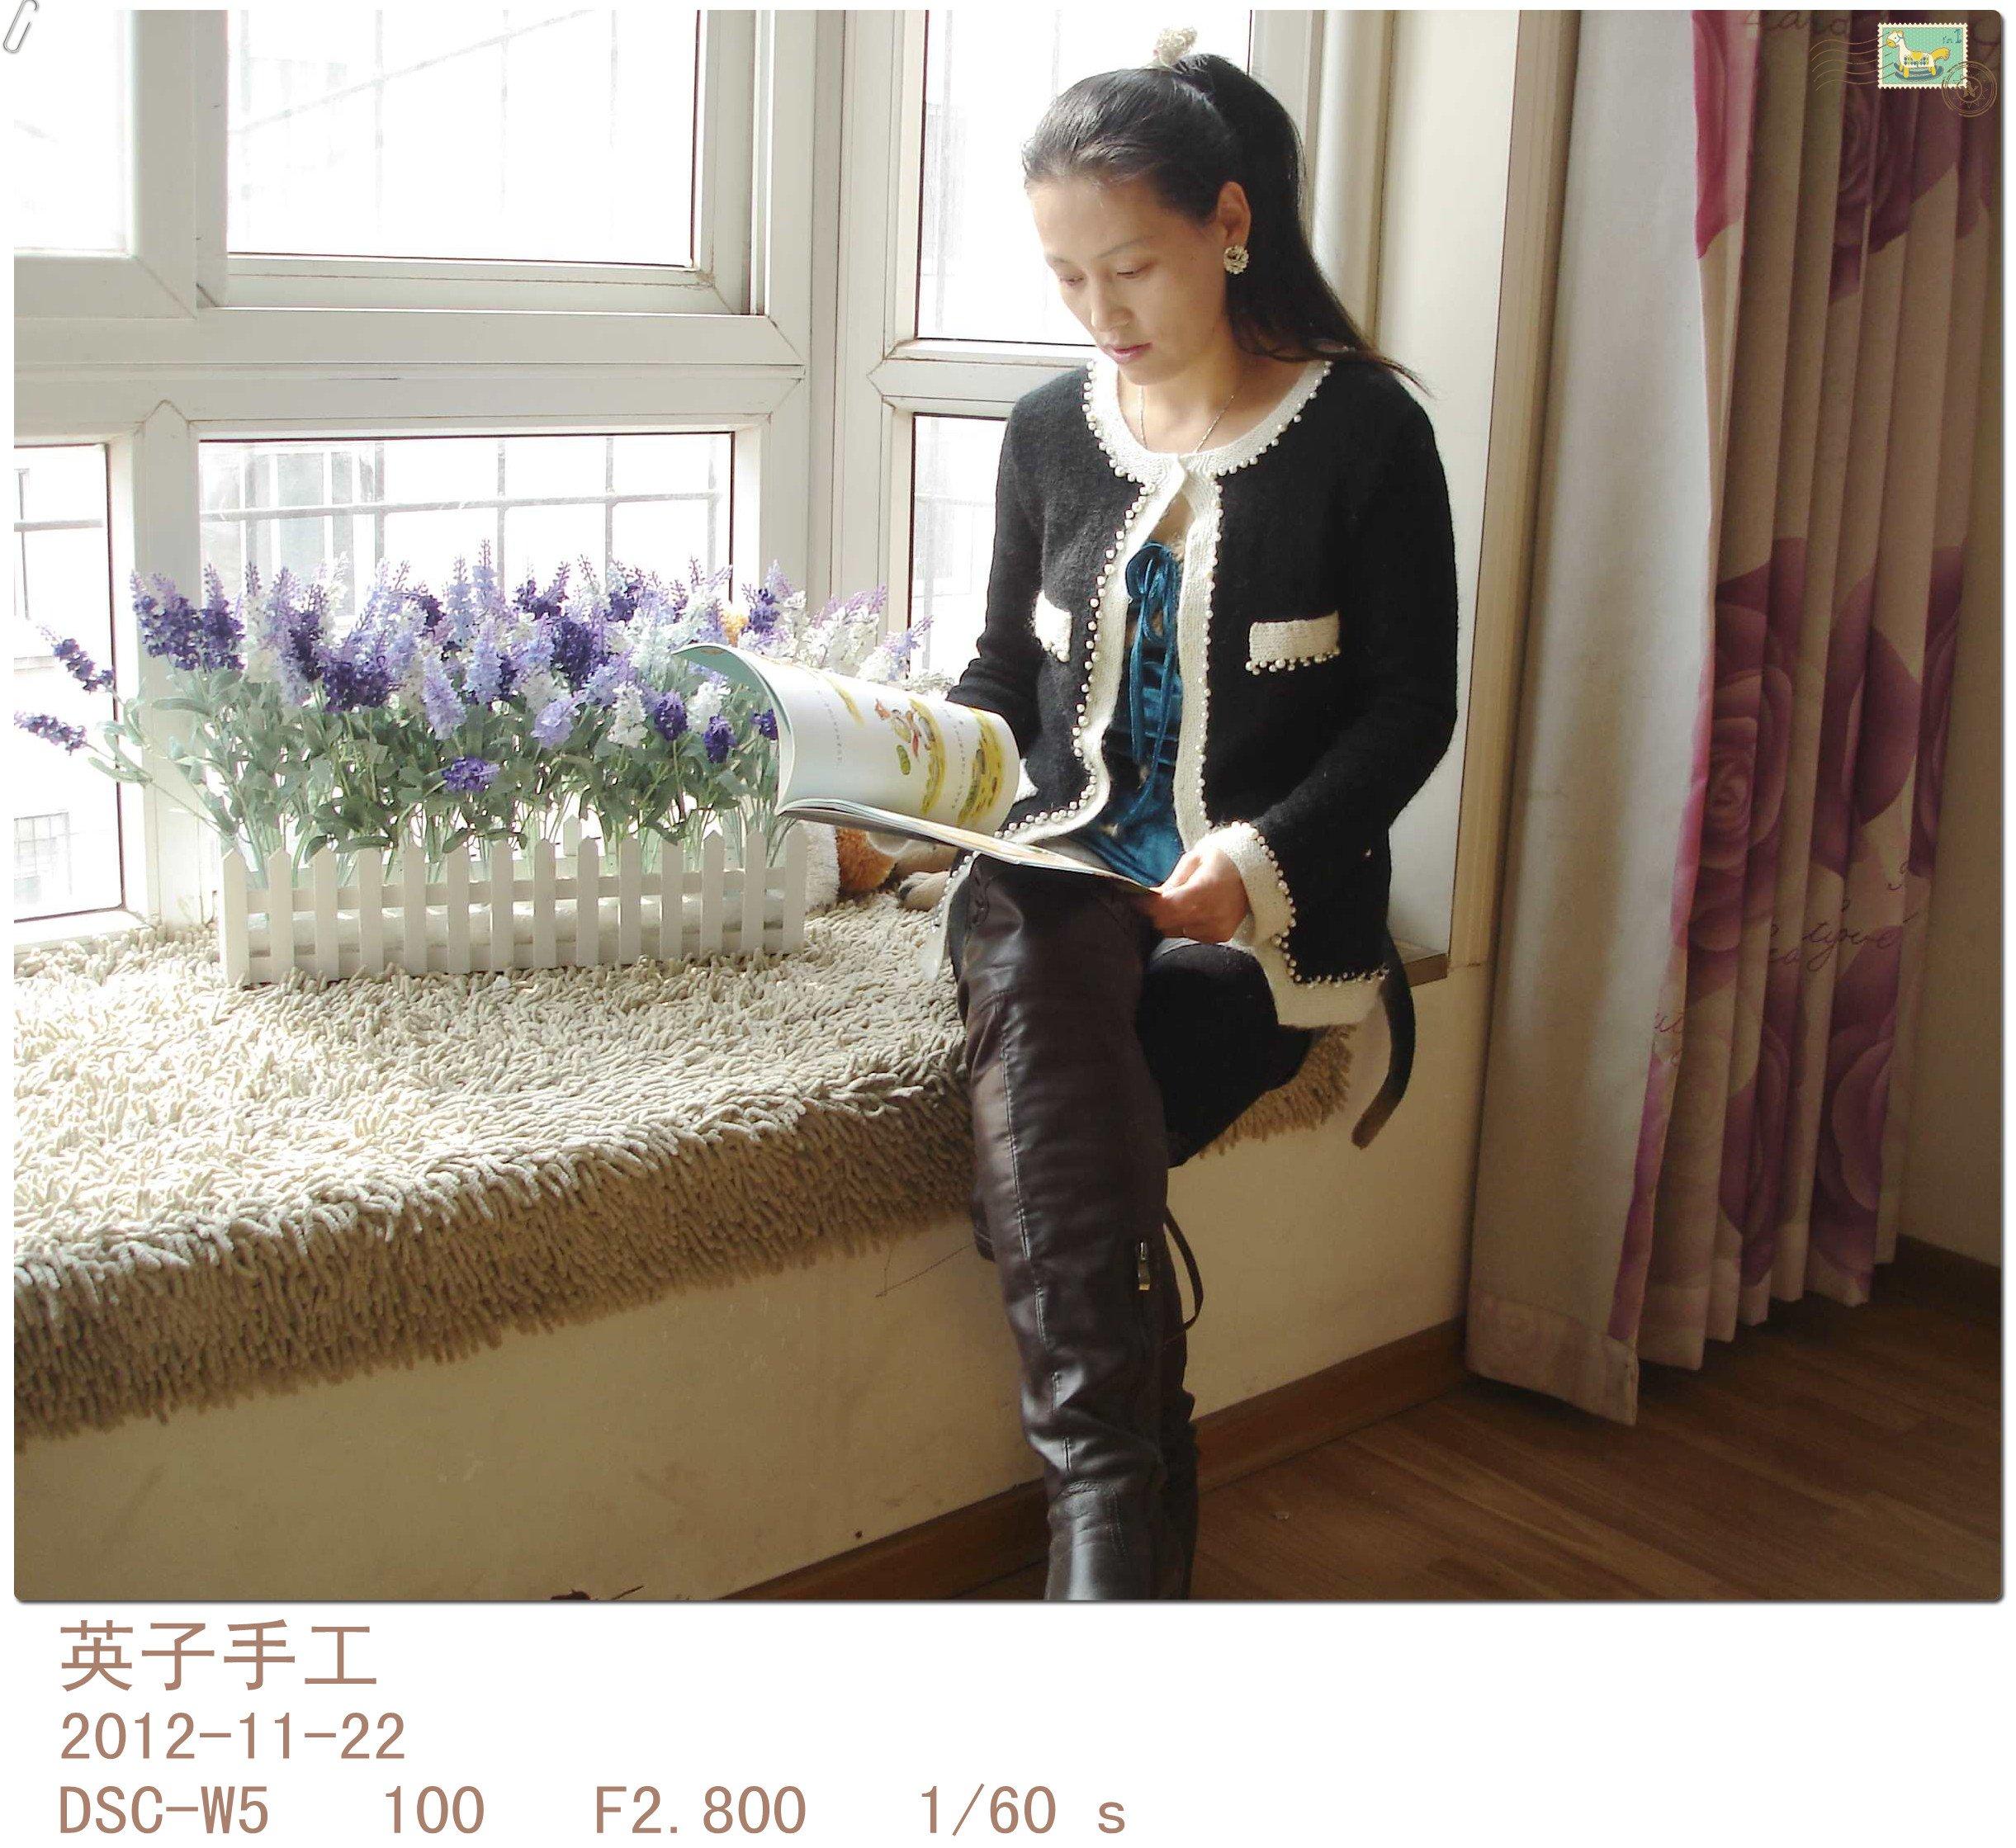 DSC02736_副本.jpg